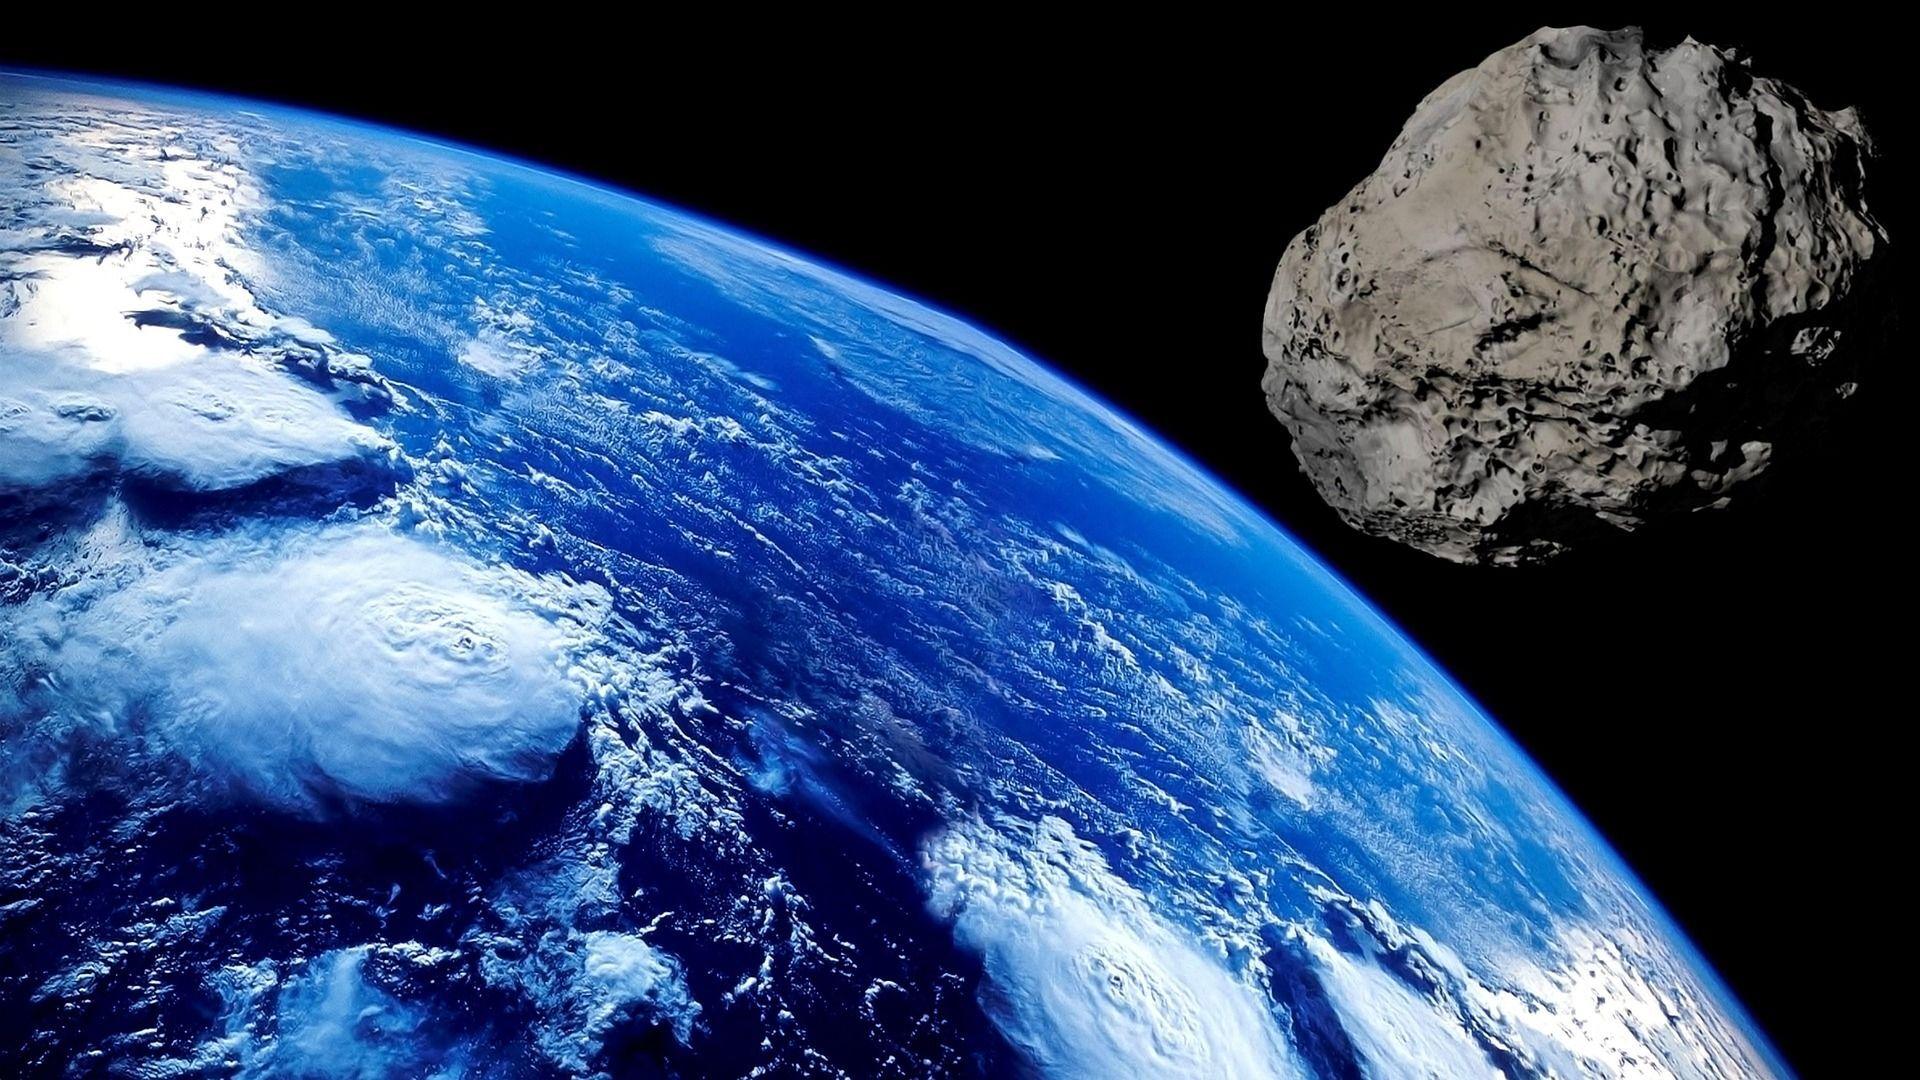 Астероид и Земля - Sputnik Беларусь, 1920, 22.02.2021